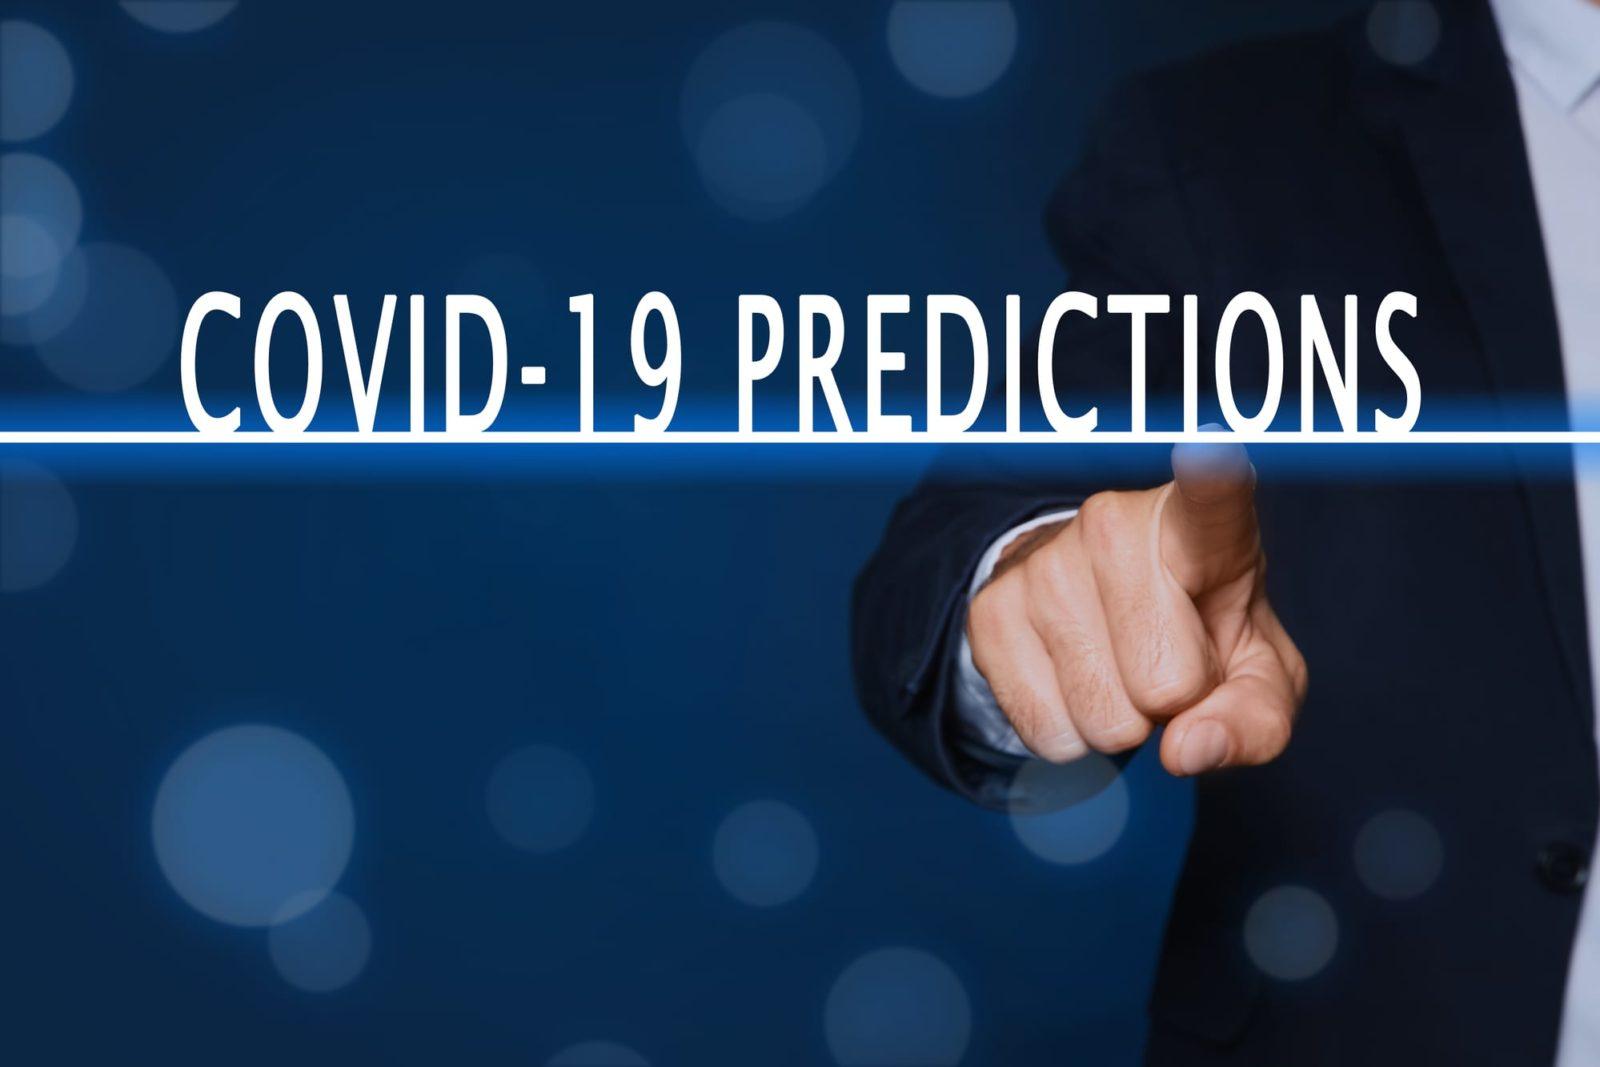 COVID-19 predictions